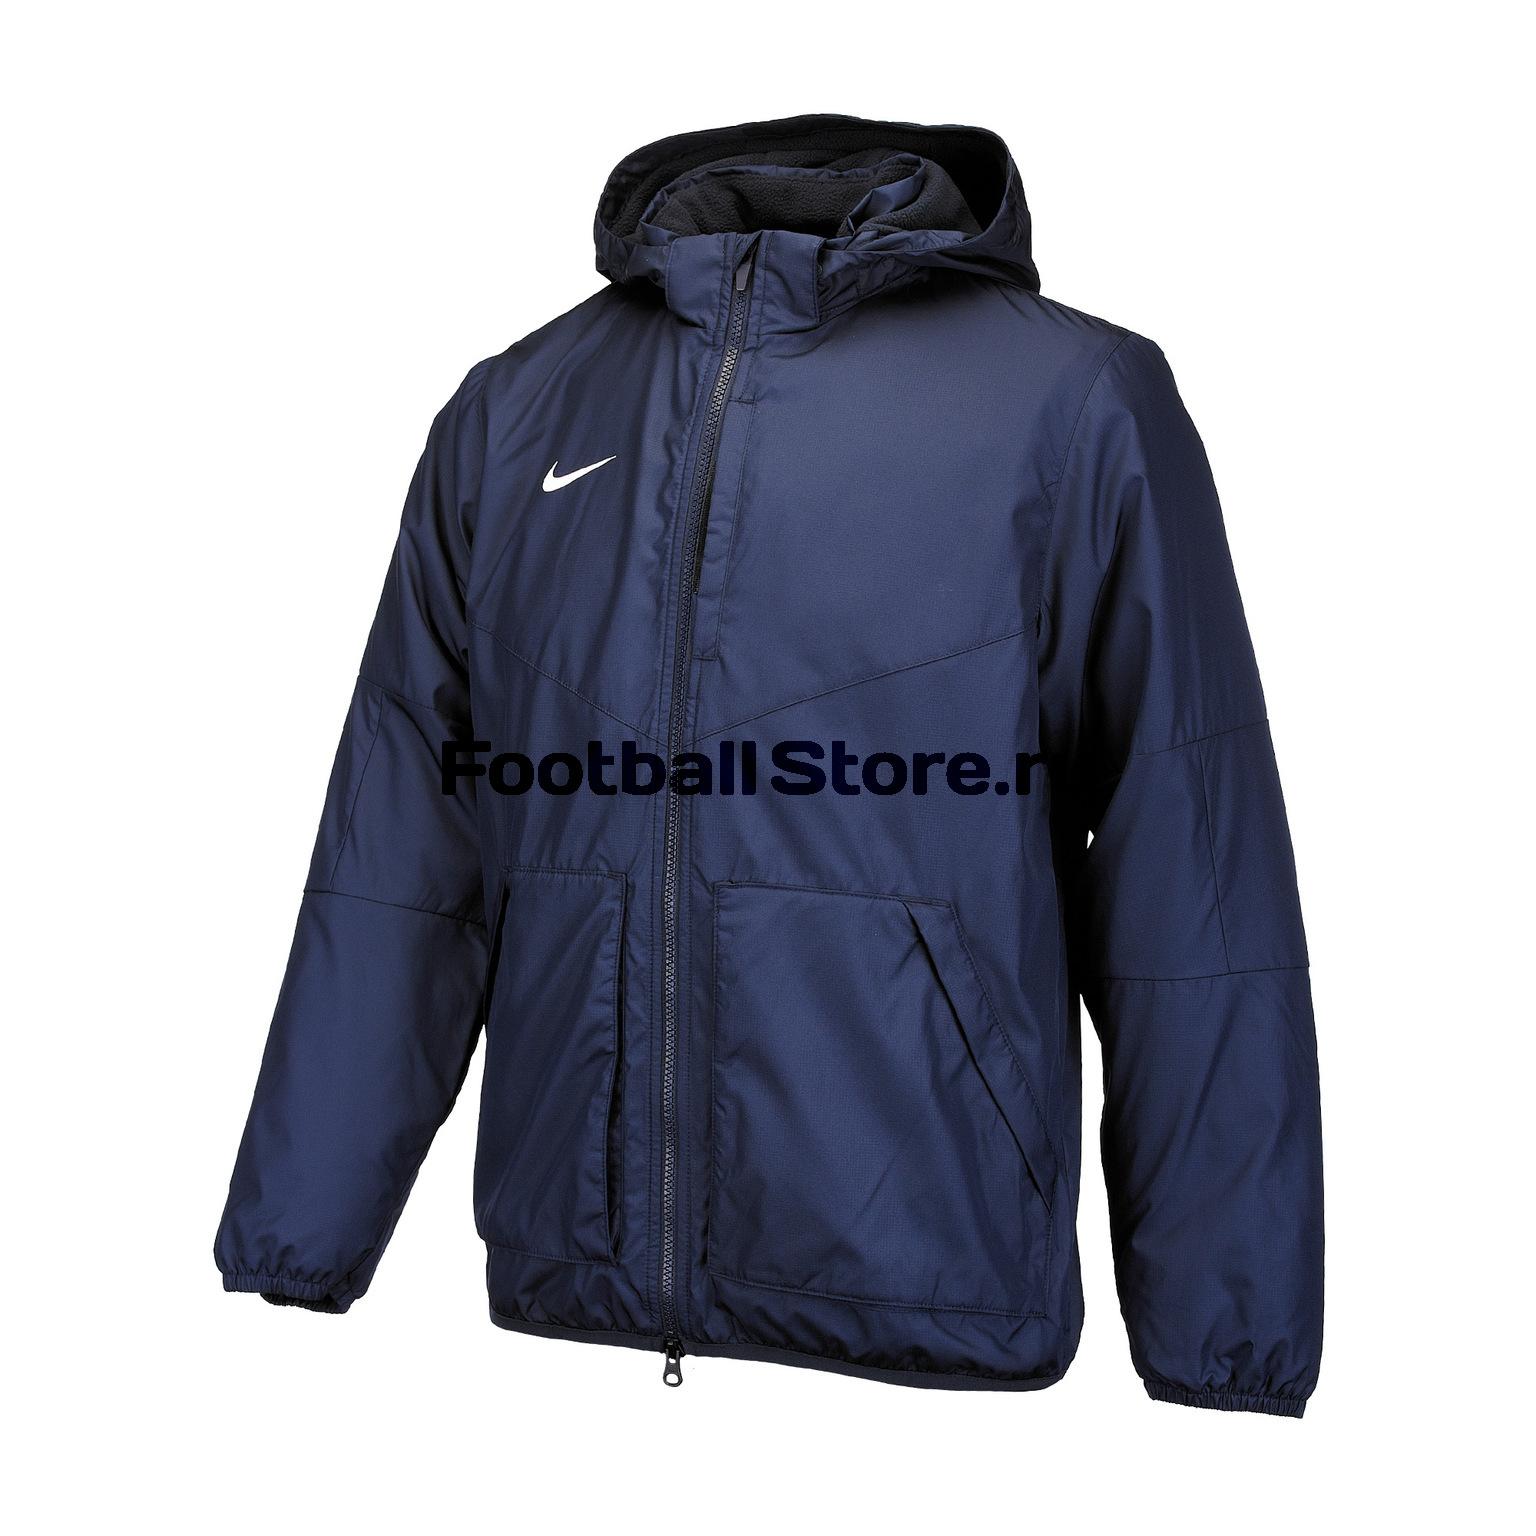 Куртка подростковая Nike Team 645905-451 футболка подростковая nike team club blend tee 658494 451